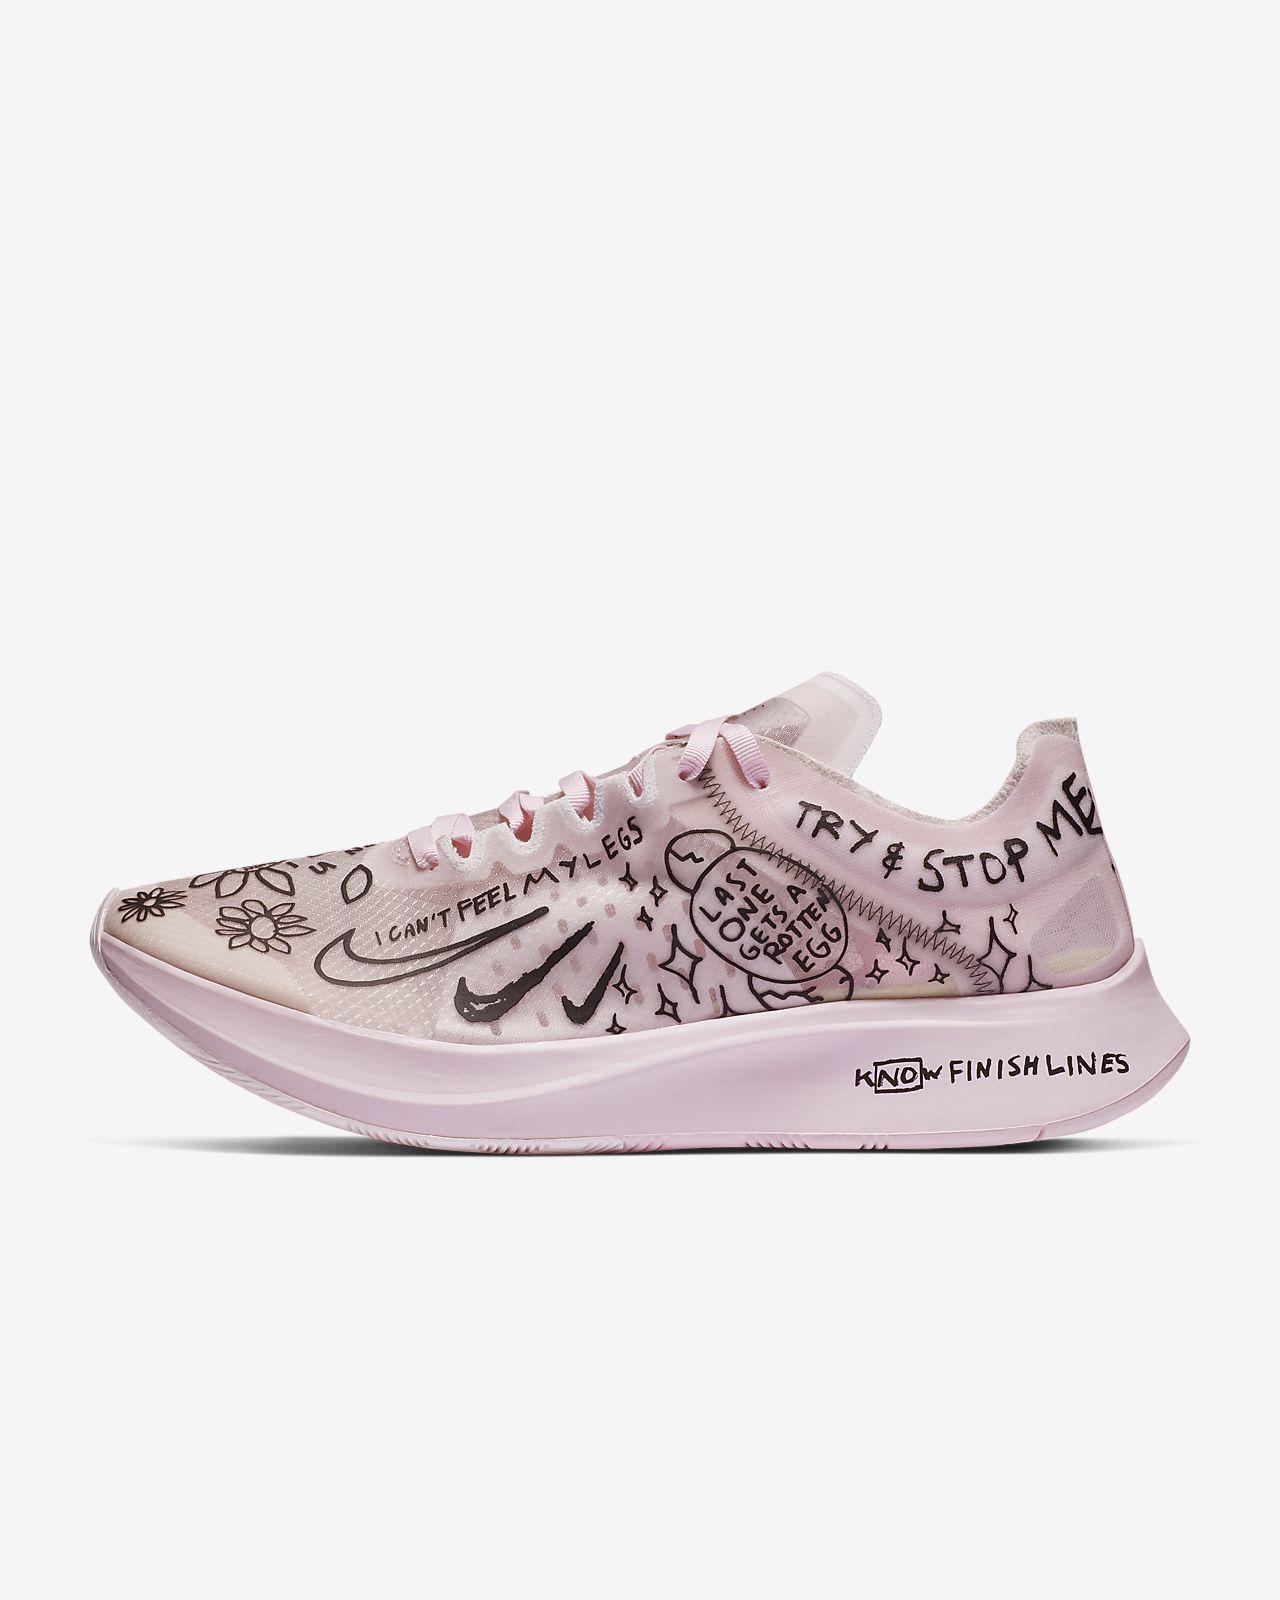 Παπούτσι για τρέξιμο Nike Zoom Fly SP Fast Nathan Bell